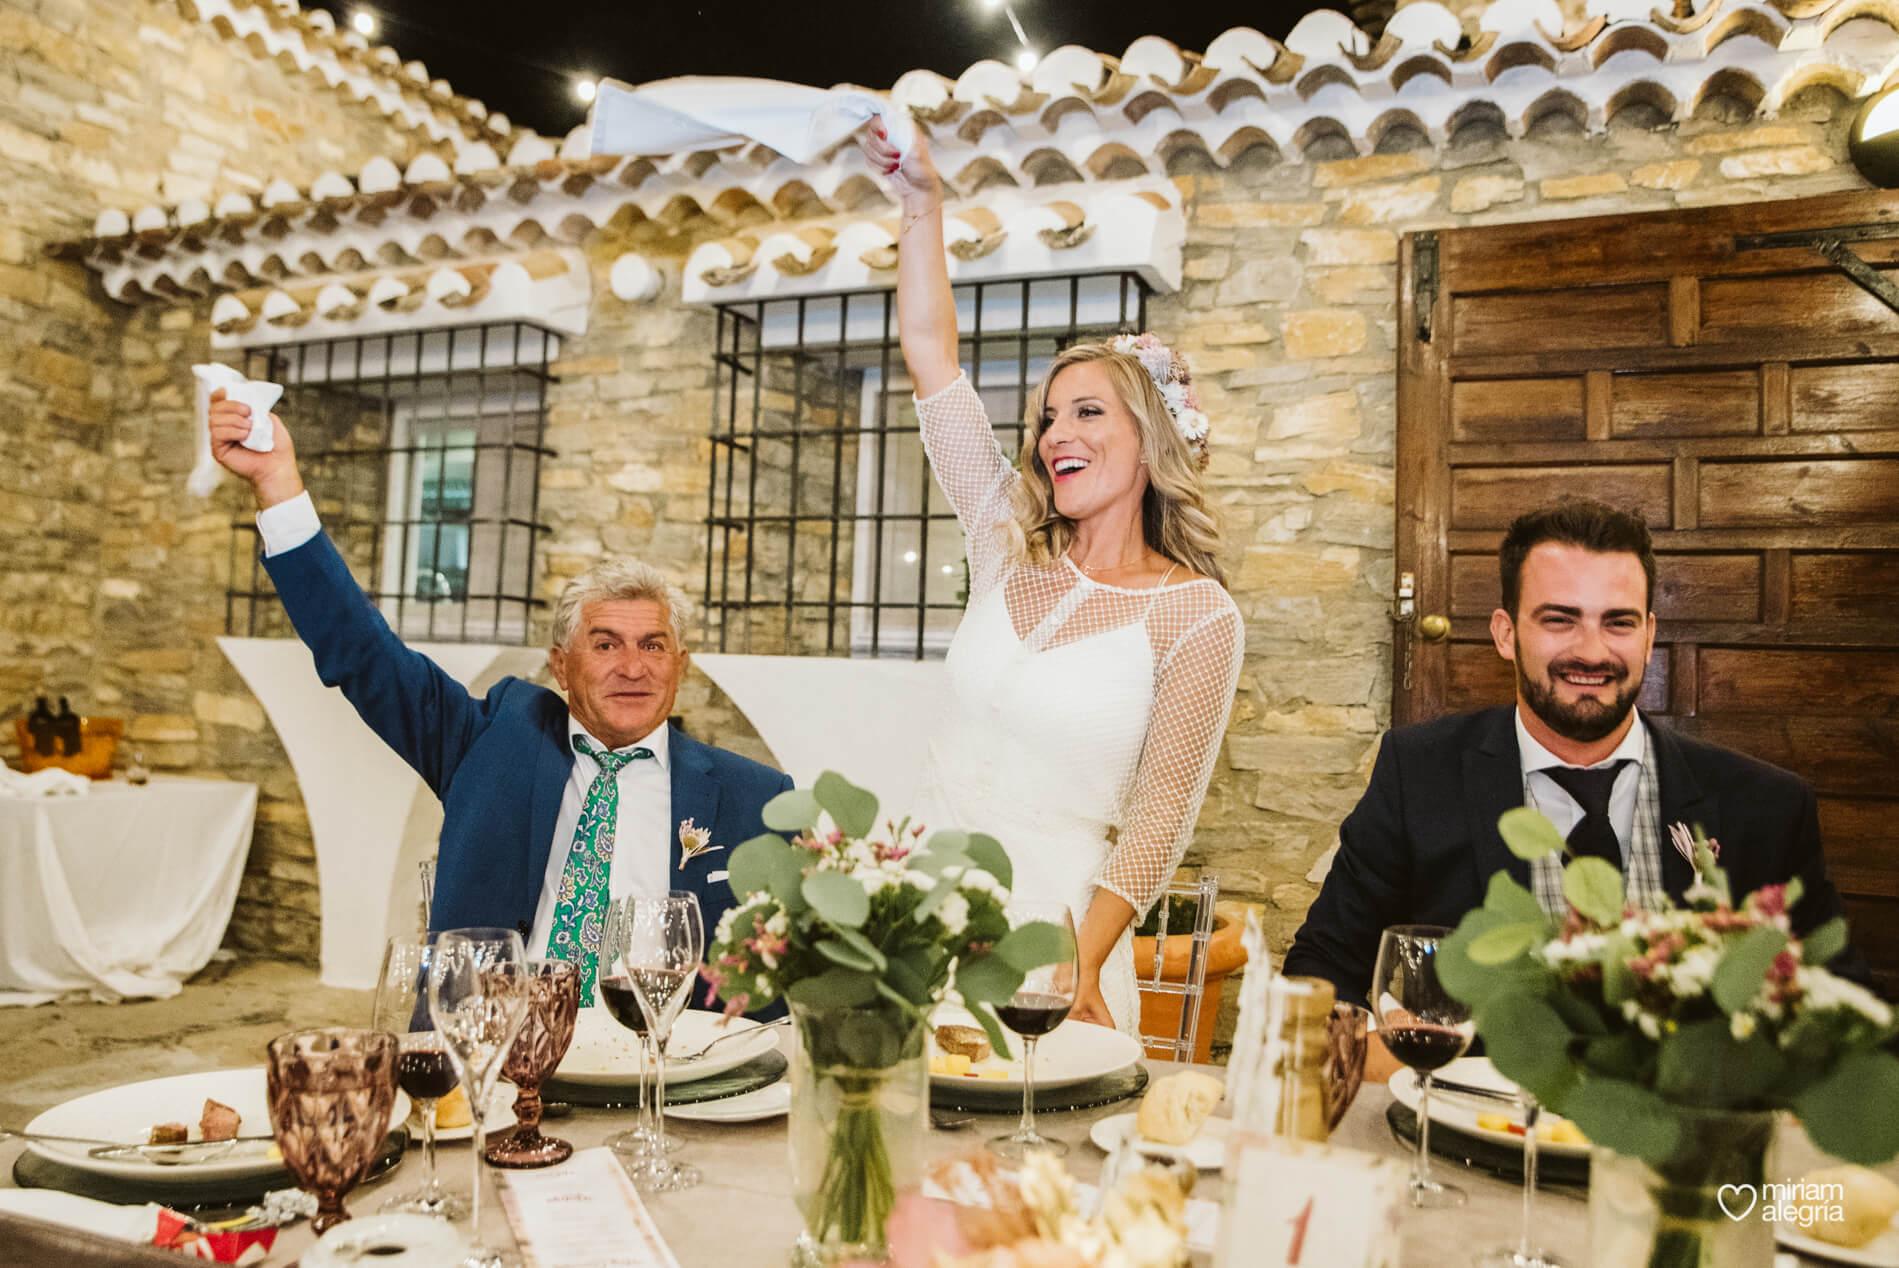 boda-en-collados-miriam-alegria-cayetana-ferrer-107